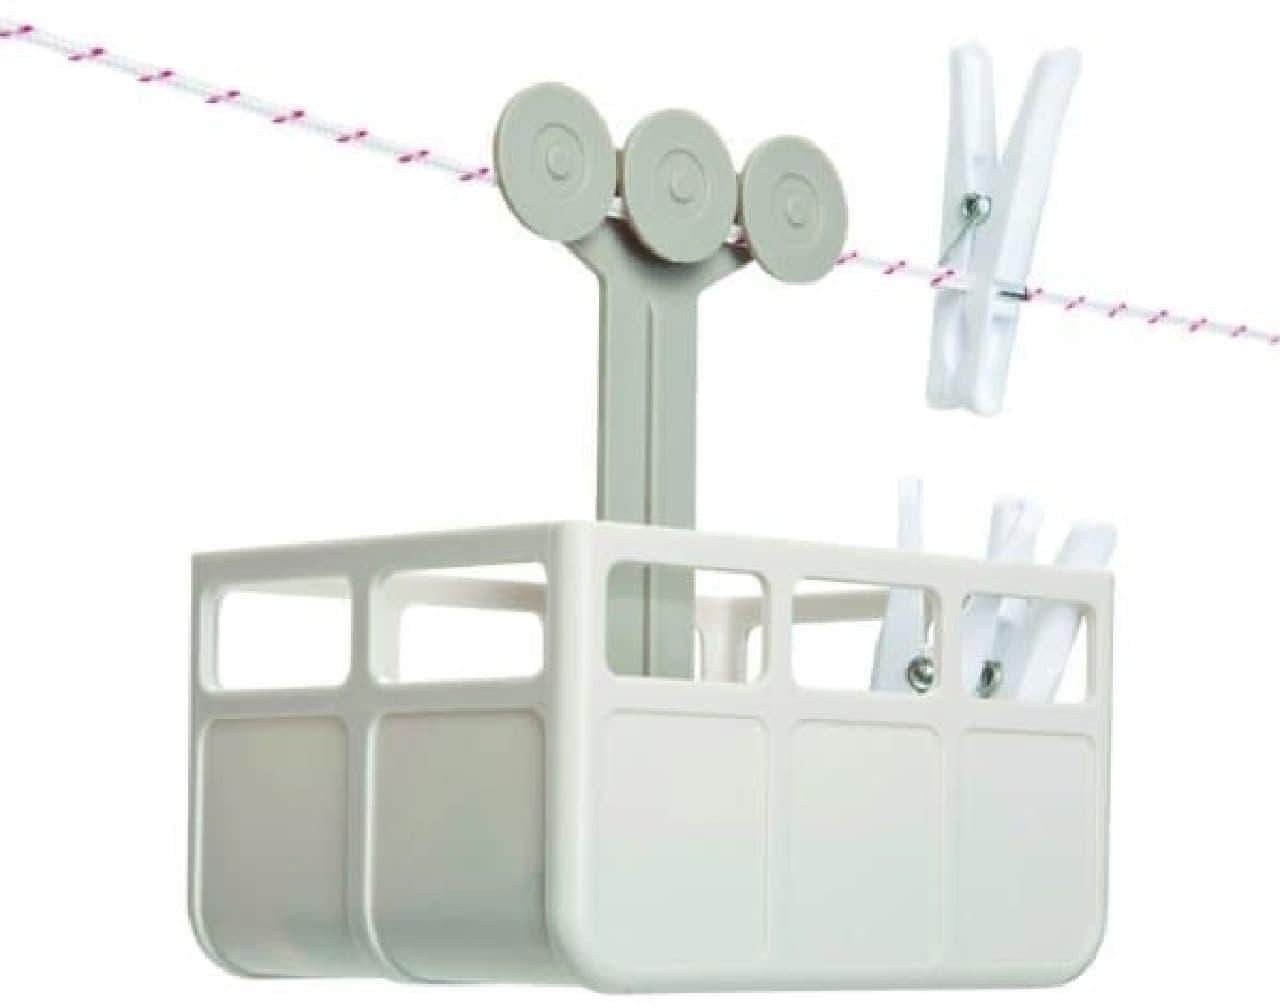 洗濯物干しには洗濯ばさみ付きハンガーを使うことが多いけど  バスタオルはやっぱり 洗濯ロープなんですよね